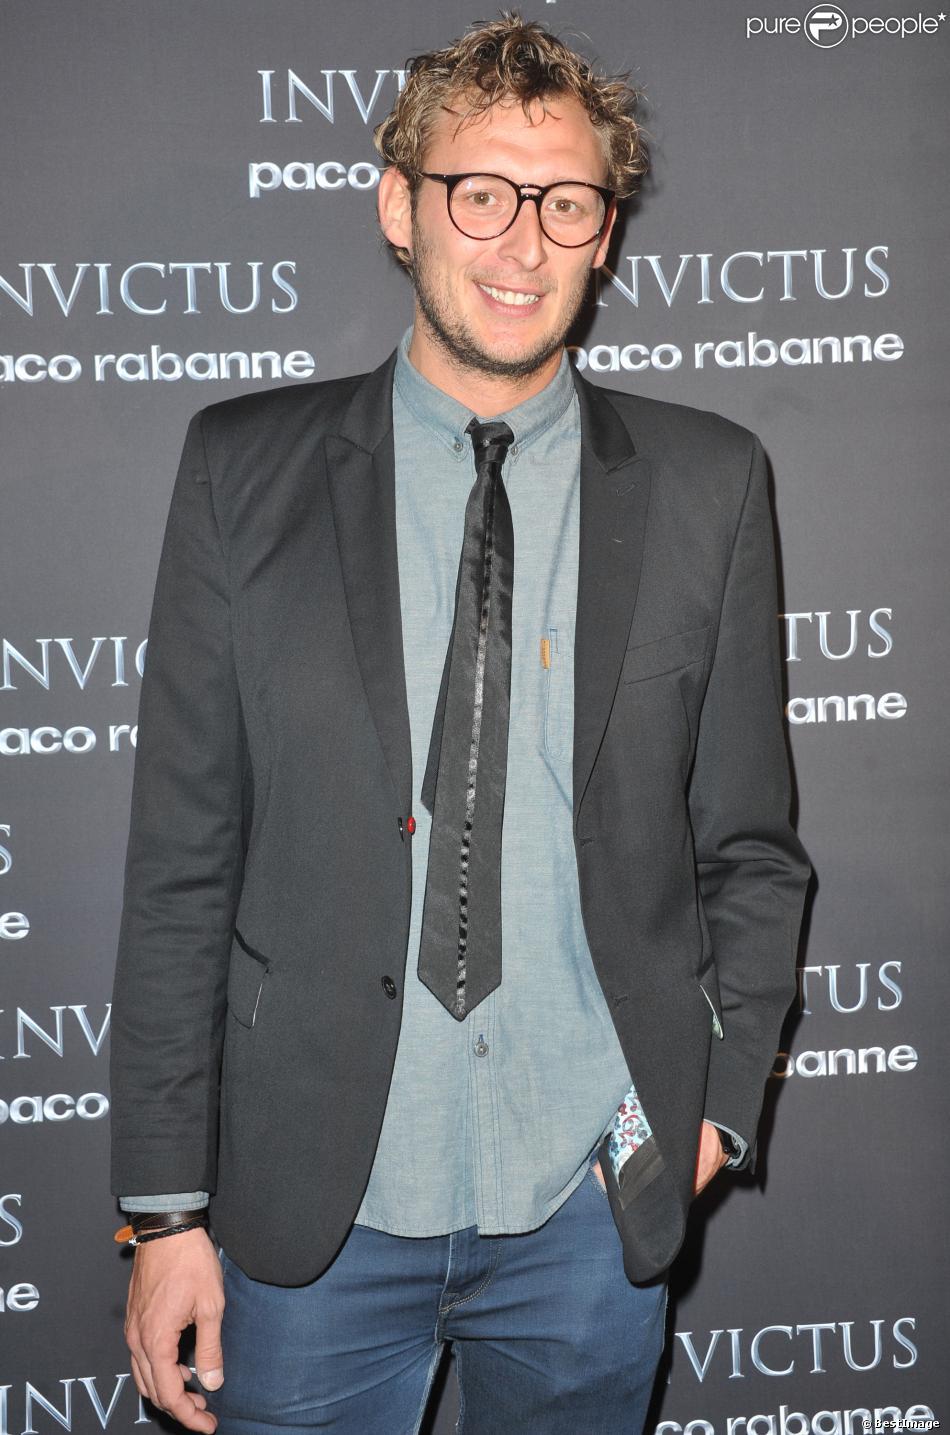 Amaury Leveaux à Paris le 24 ocotbre 2013 lors des Invictus Awards au Palais de Tokyo